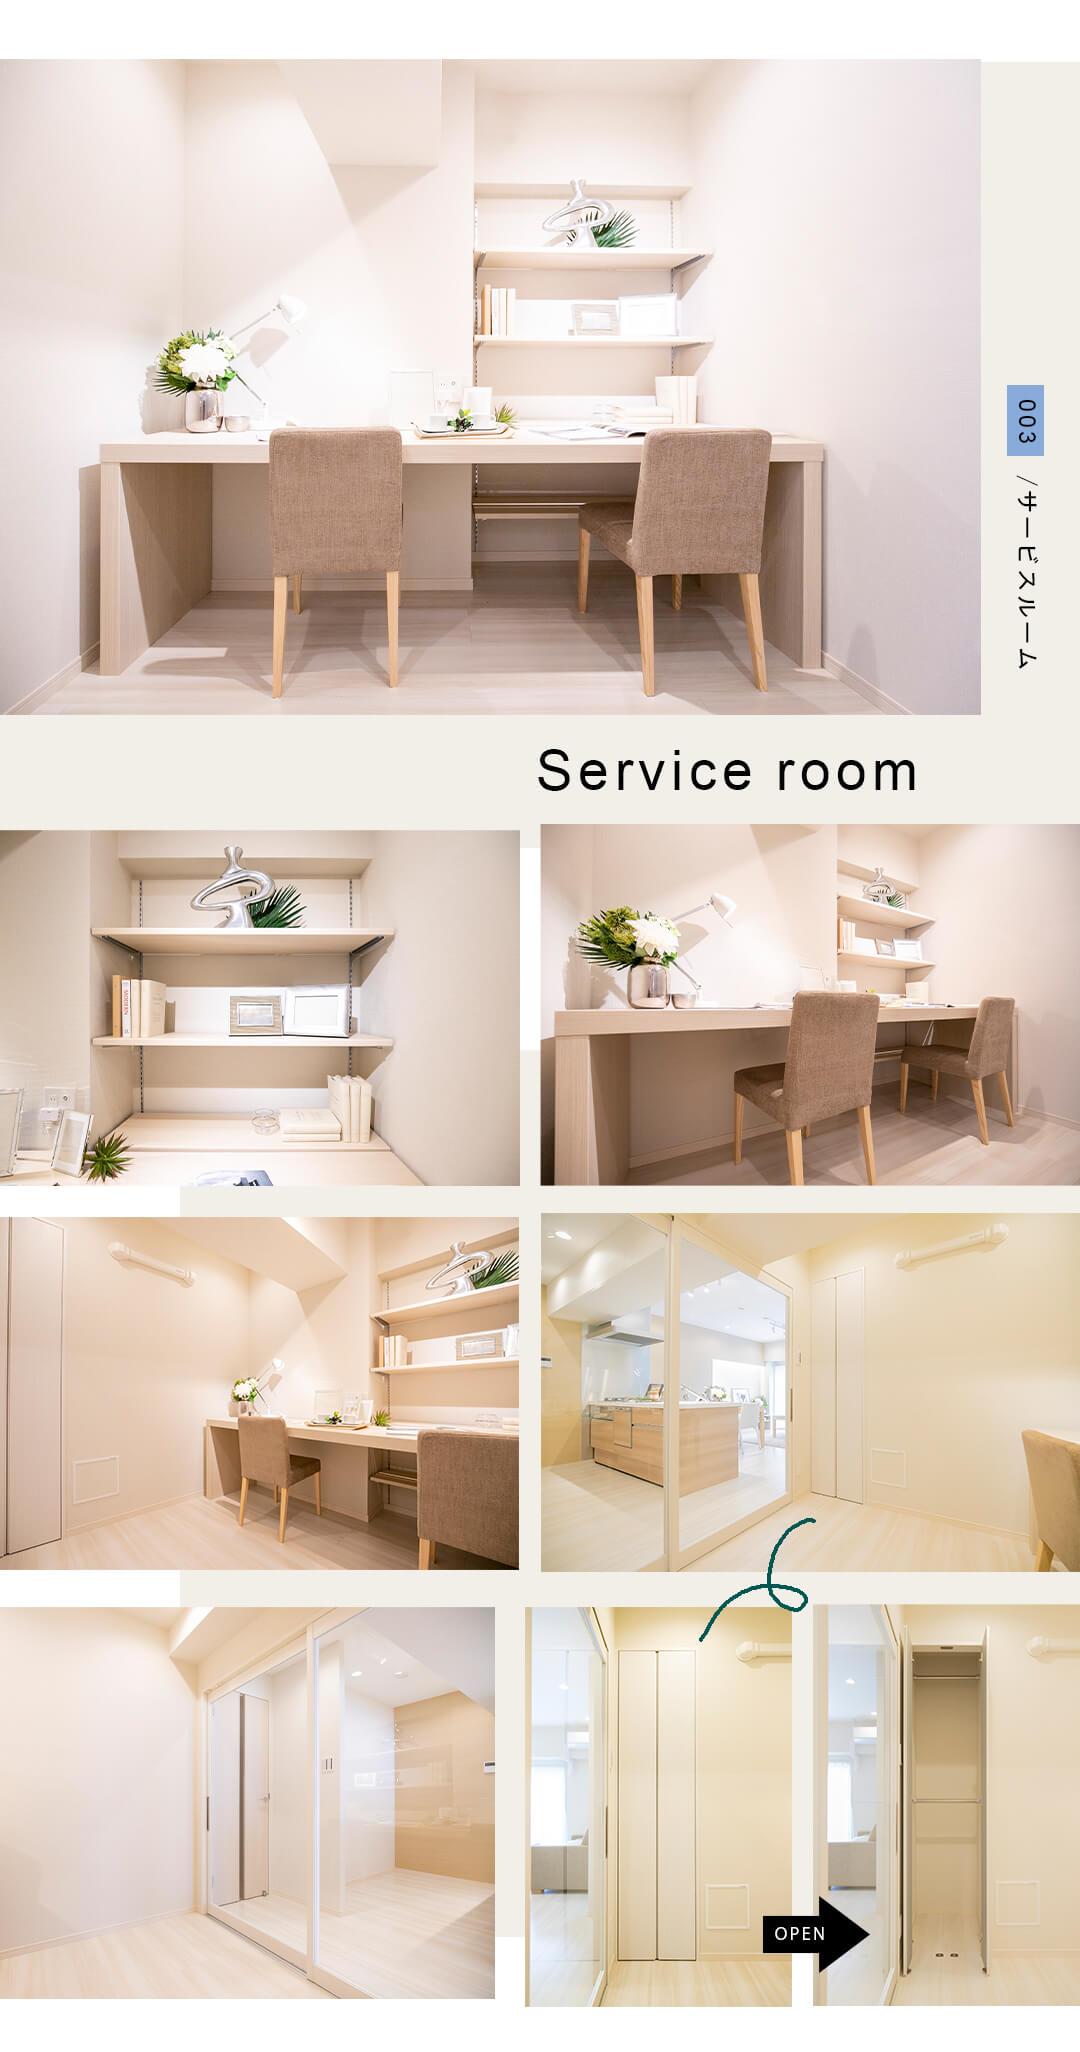 003サービスルーム,Service room